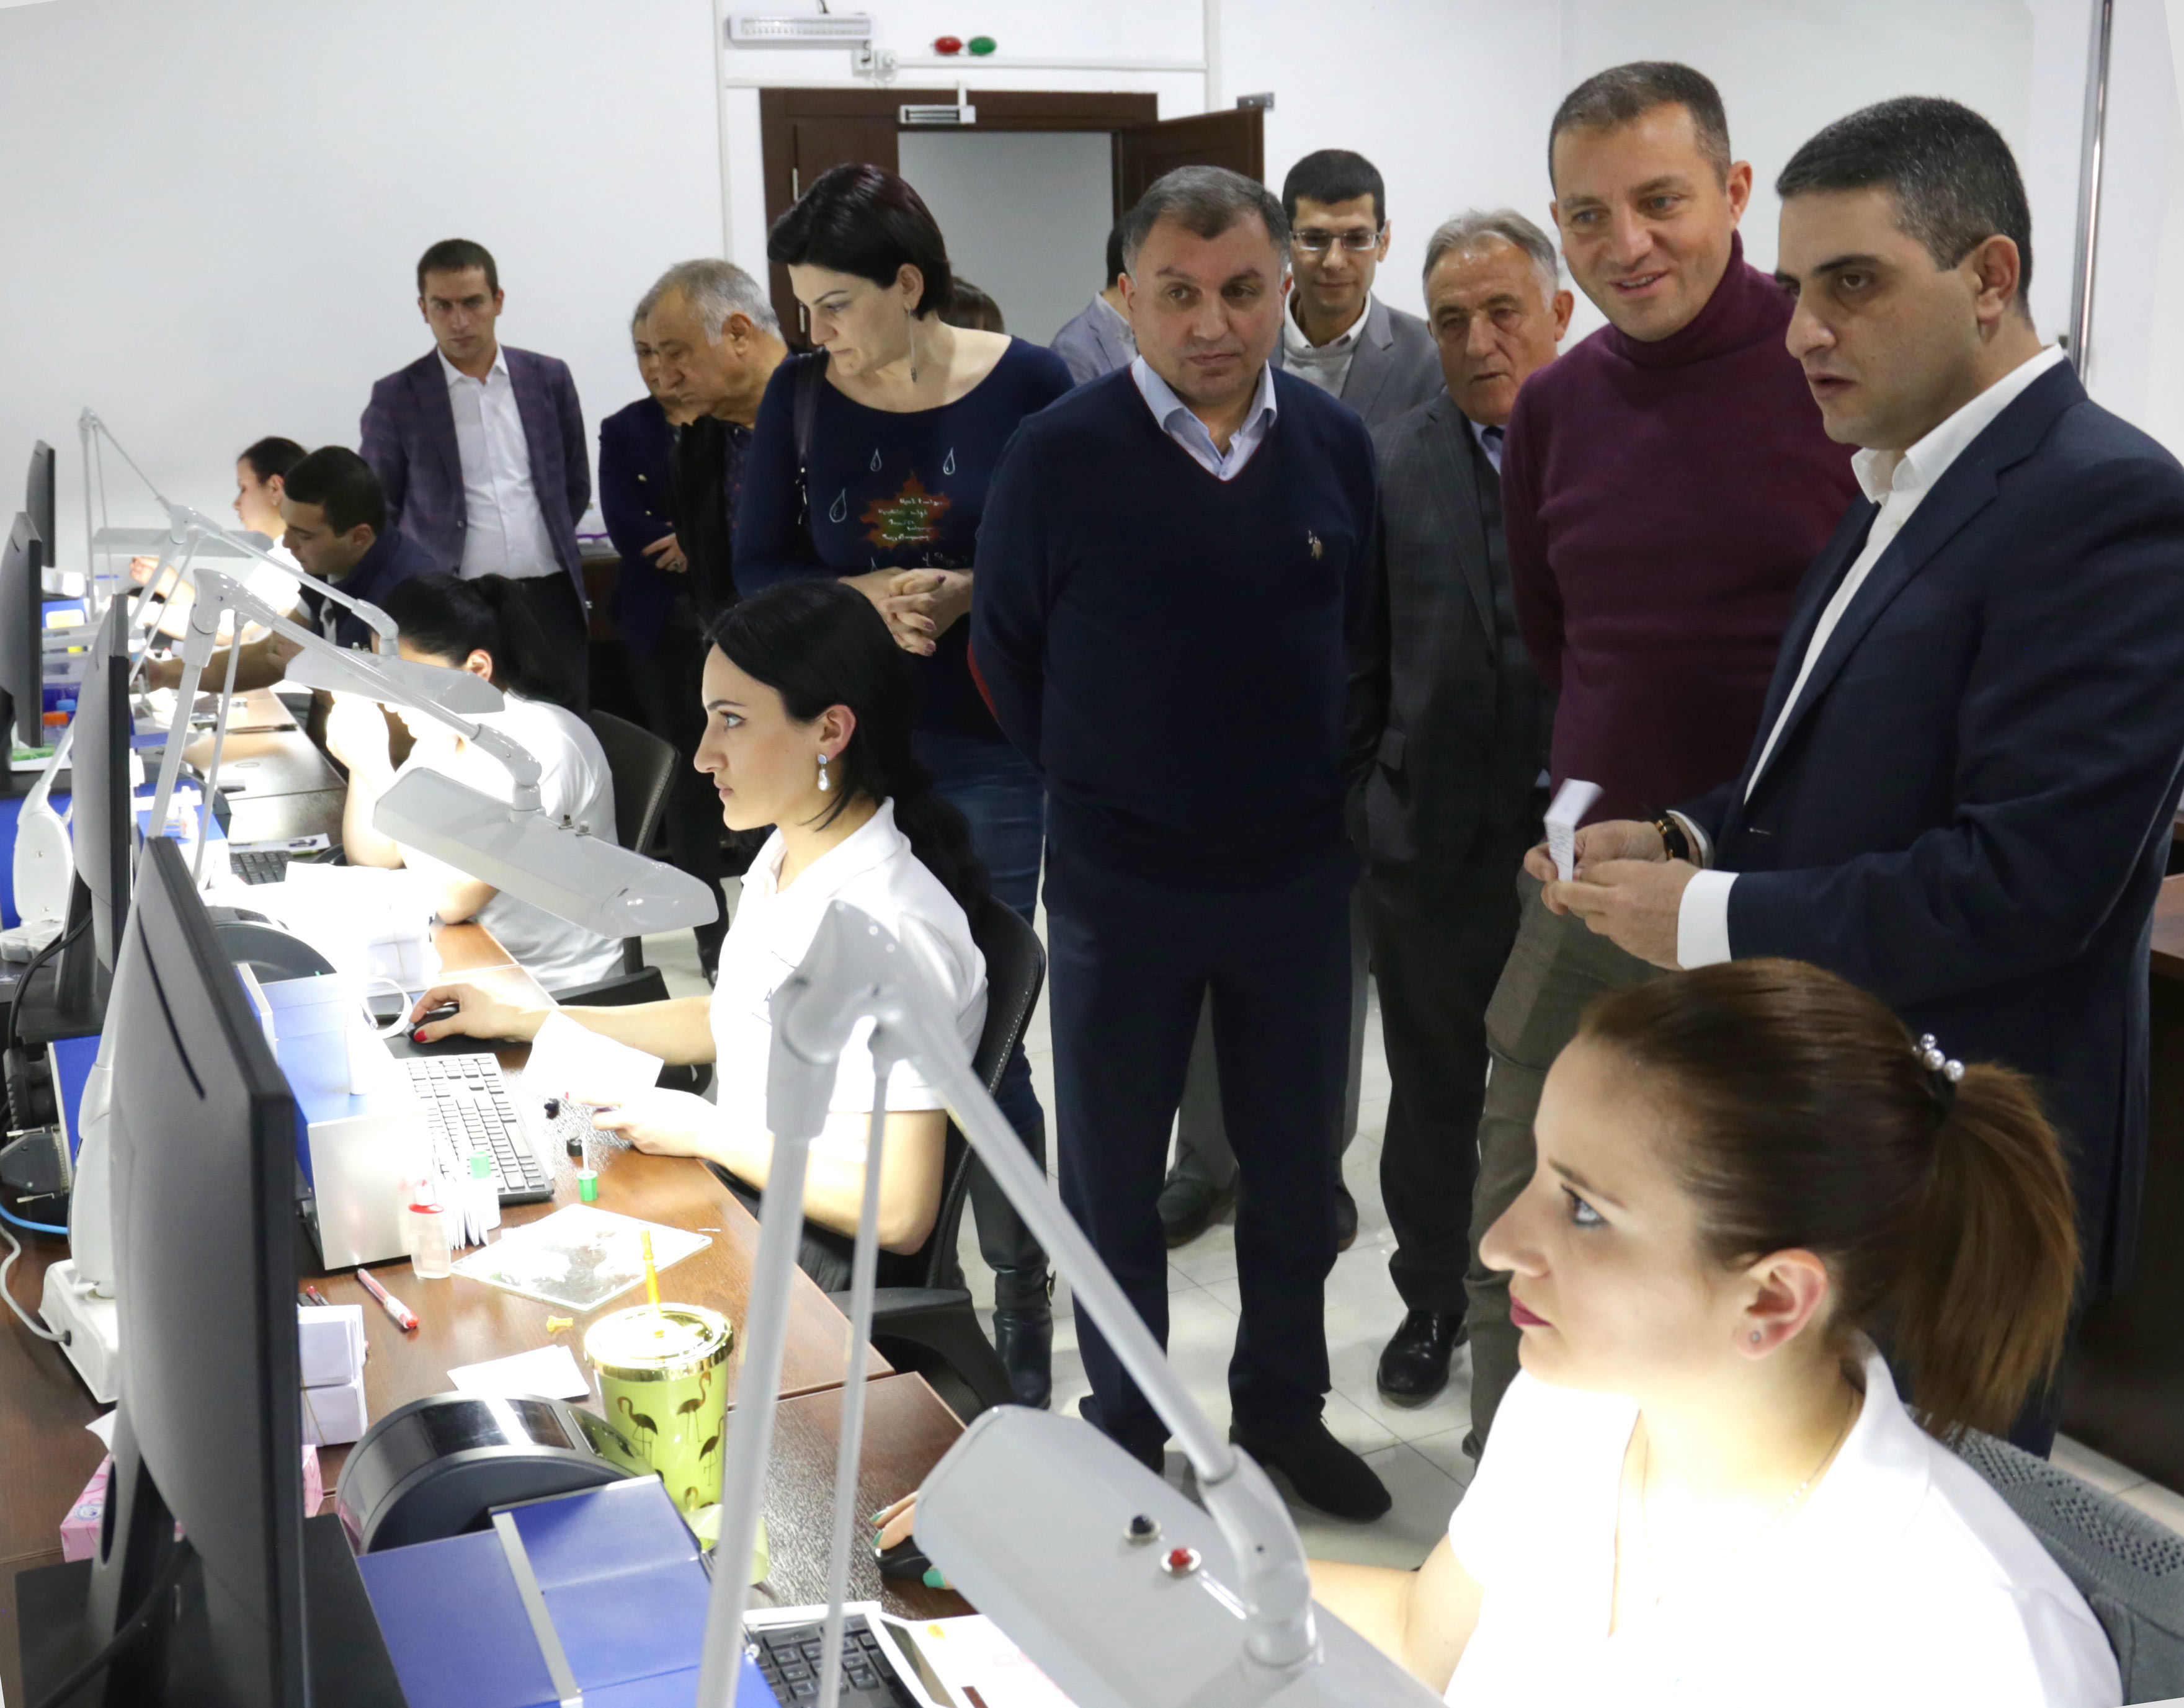 Վահան Քերոբյան․ Հայաստանի ապագան երկար արժեքային շղթաների ու բարդ ապրանքների մեջ է և ոսկերչությունն ու ադամանդագործությունը դրա ամենալավ օրինակներից են